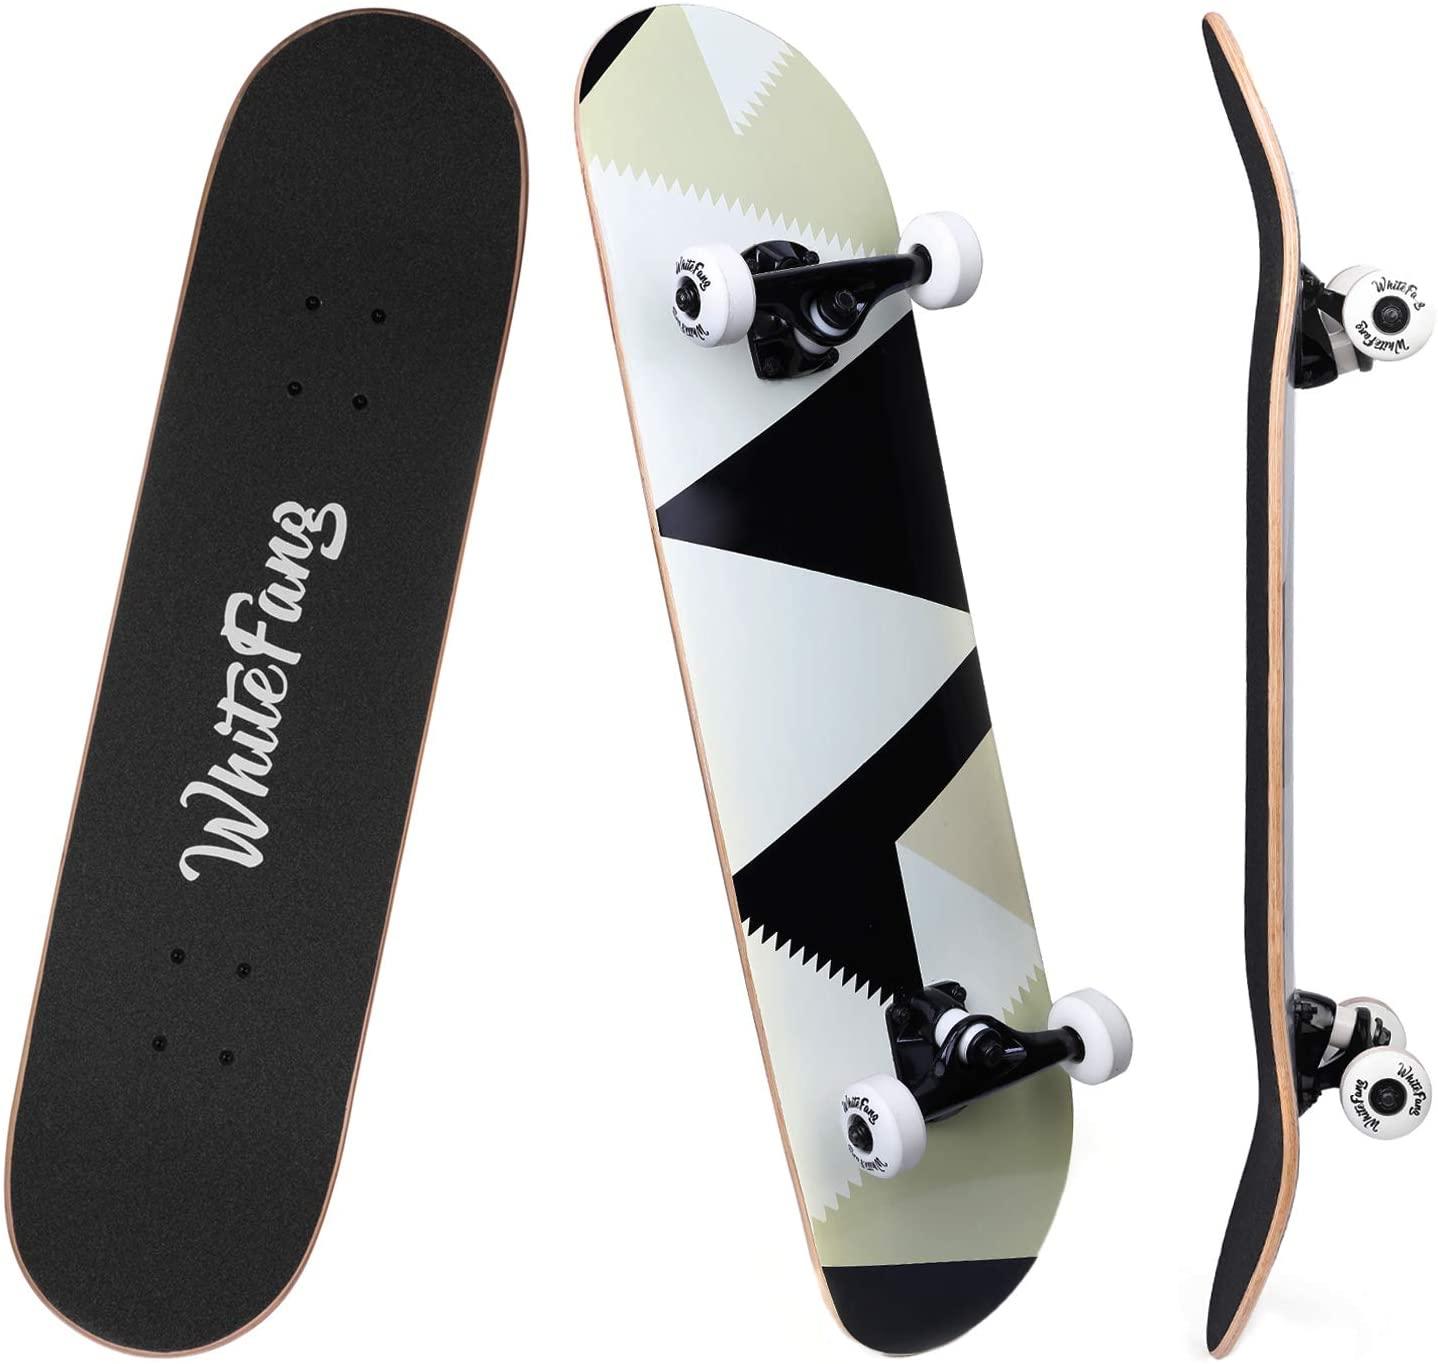 WhiteFang Skateboard for Beginners Complete Skateboard; best skateboard for beginners